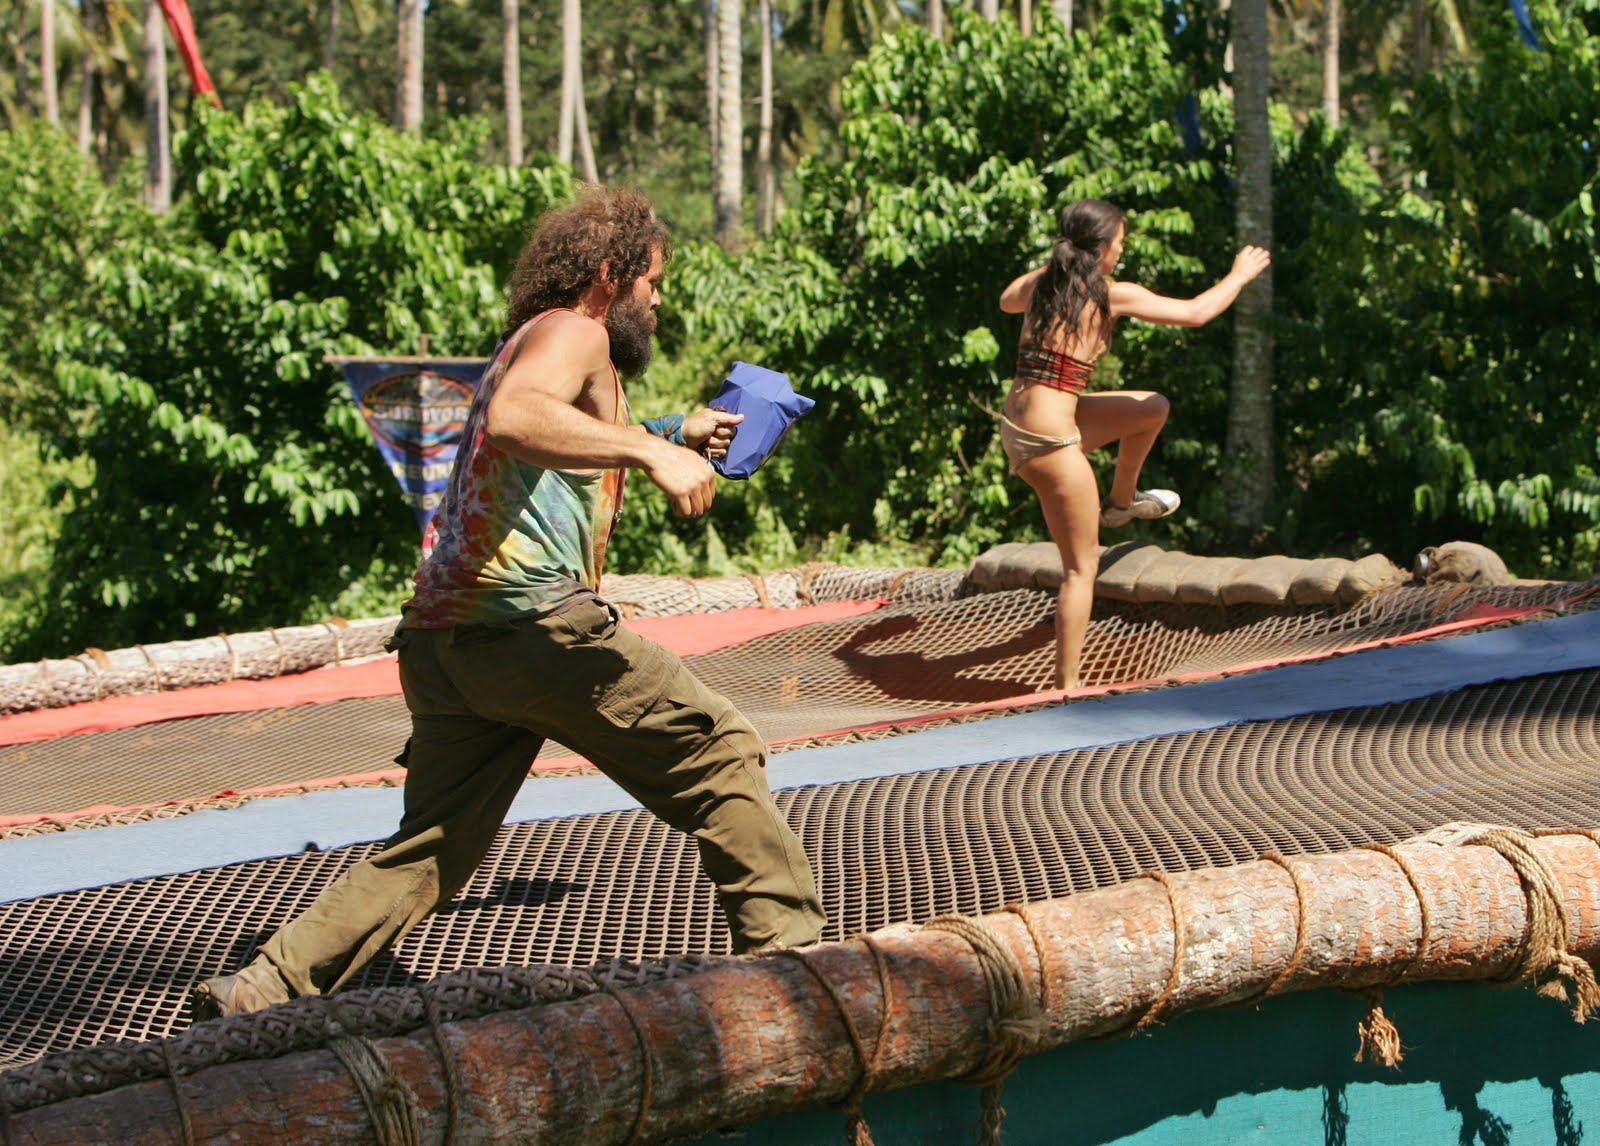 Survivor heros villains nude sexy clip